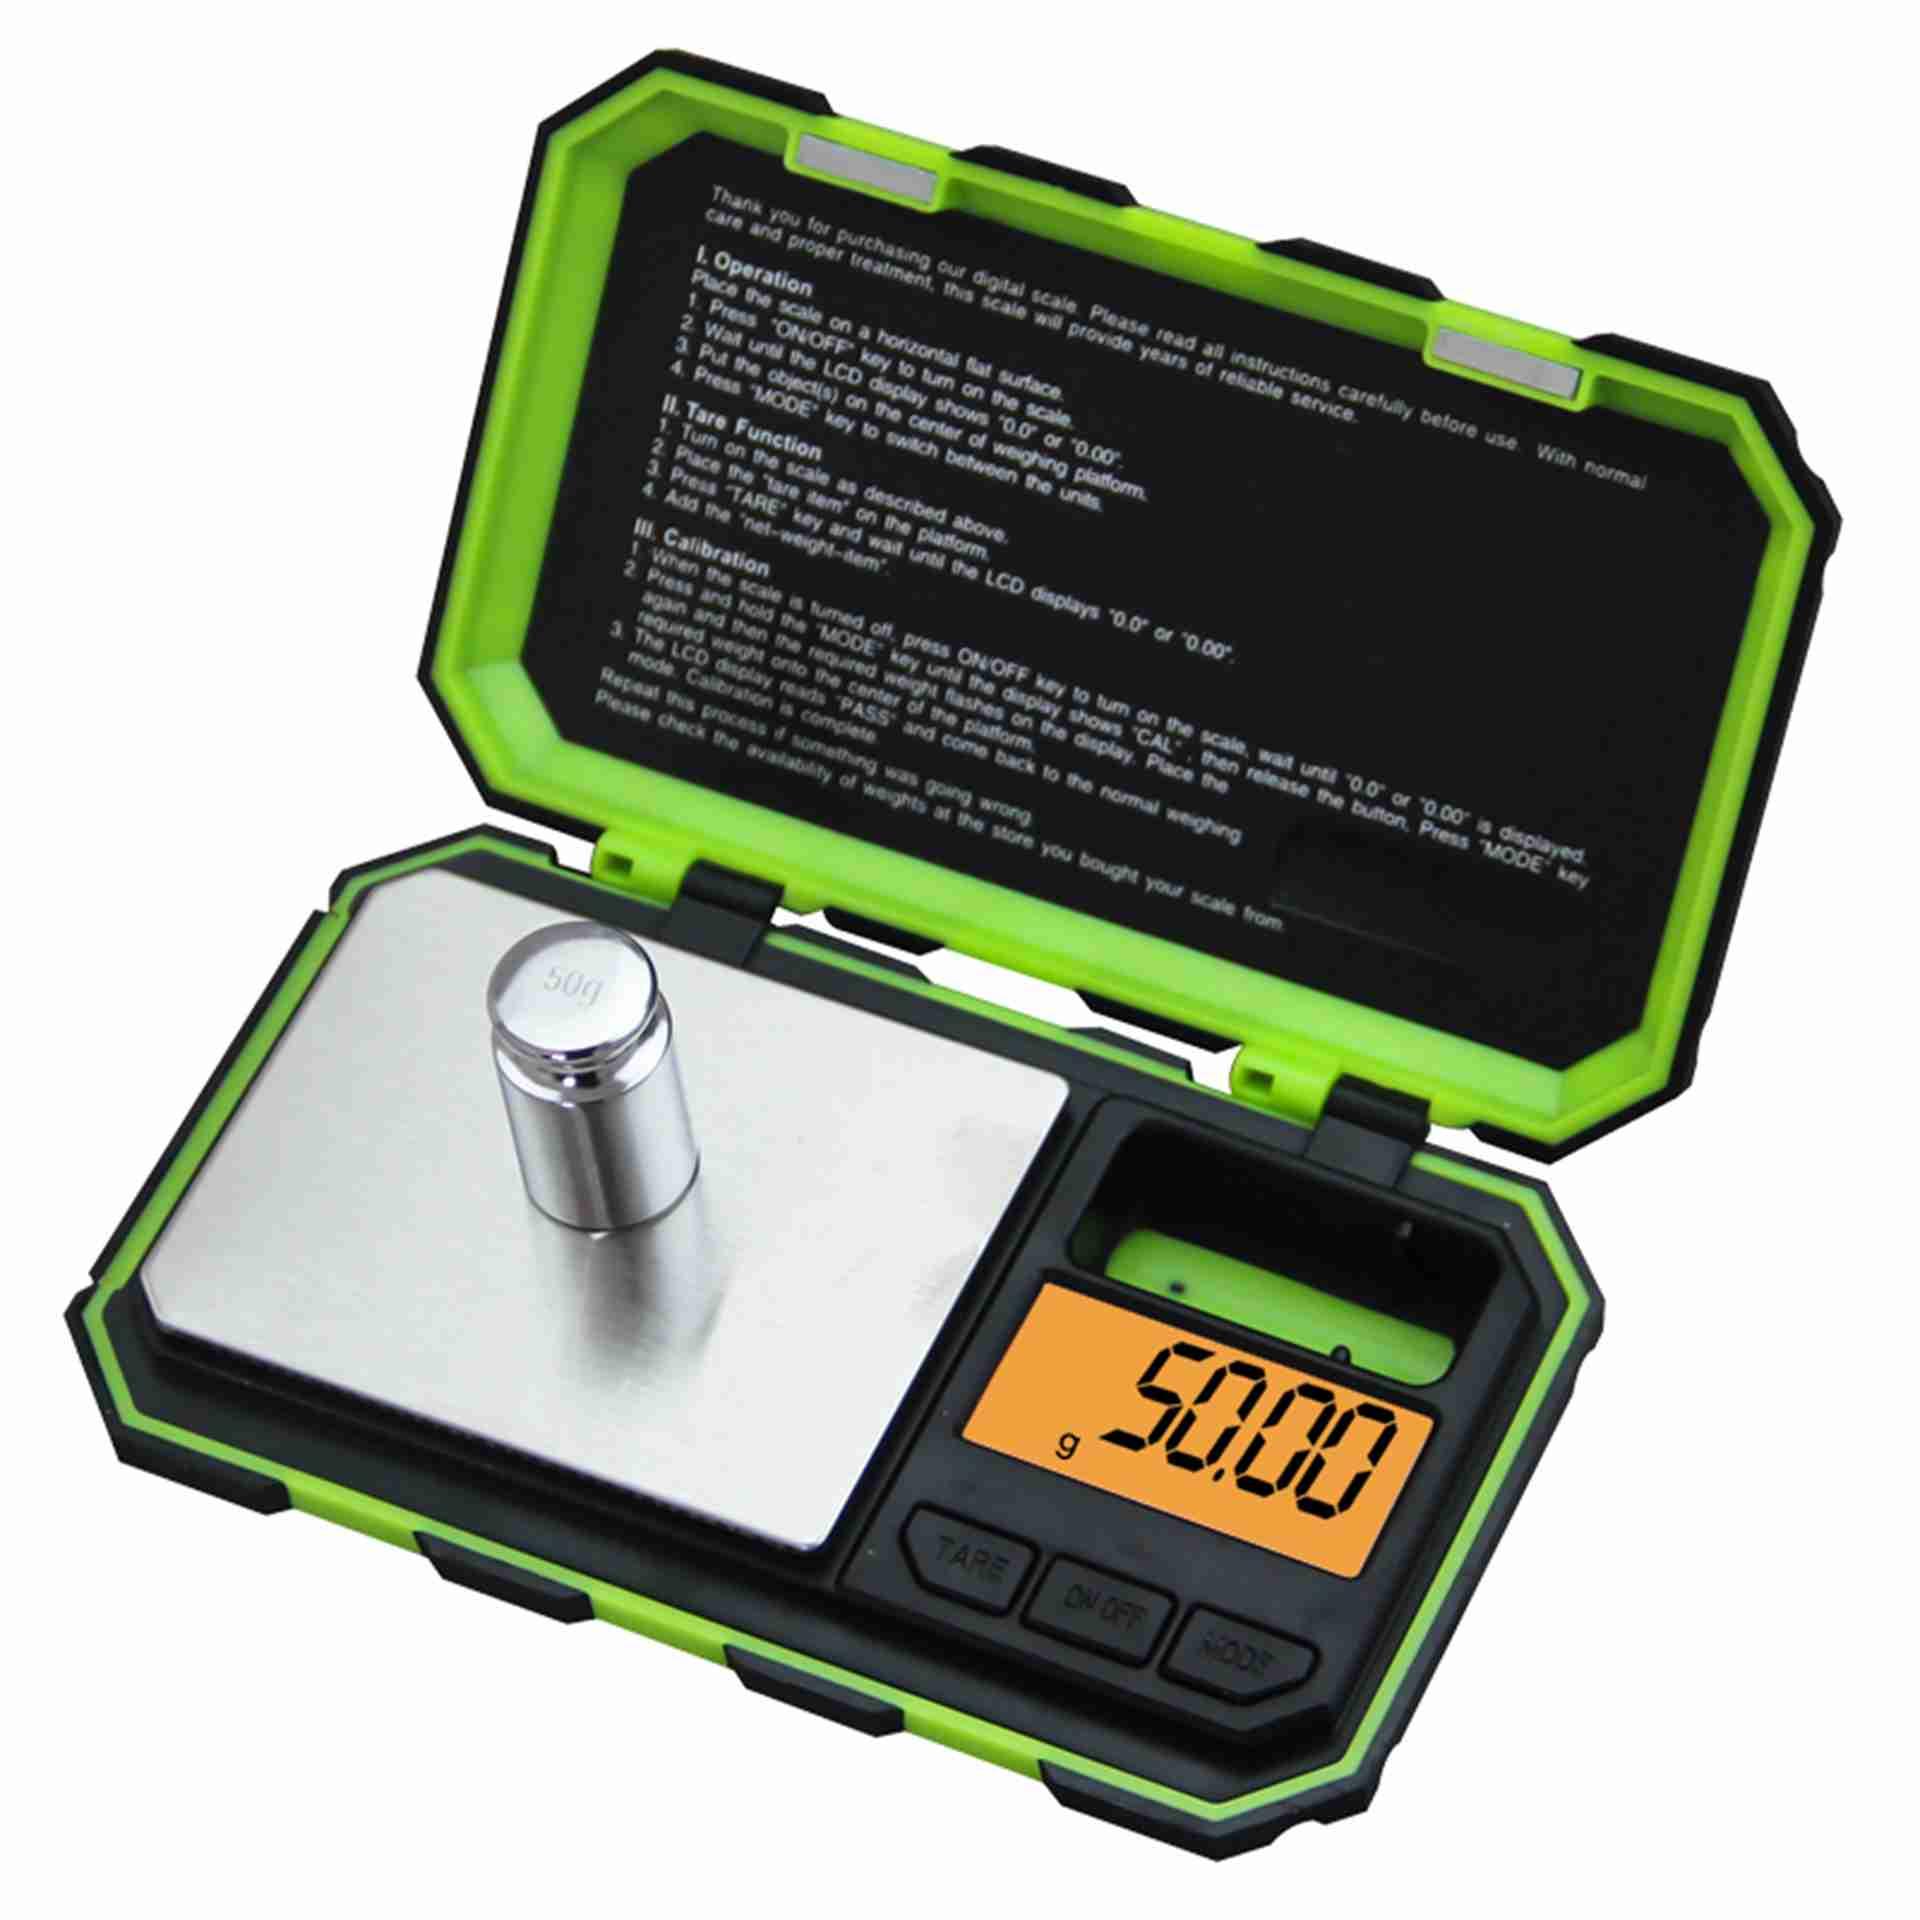 200*0.01 جرام صغيرة عالية الدقة الرقمية المحمولة مجوهرات الذهب مقياس المهنية بانانس الوزن أدوات آلة المطبخ الإلكترونية